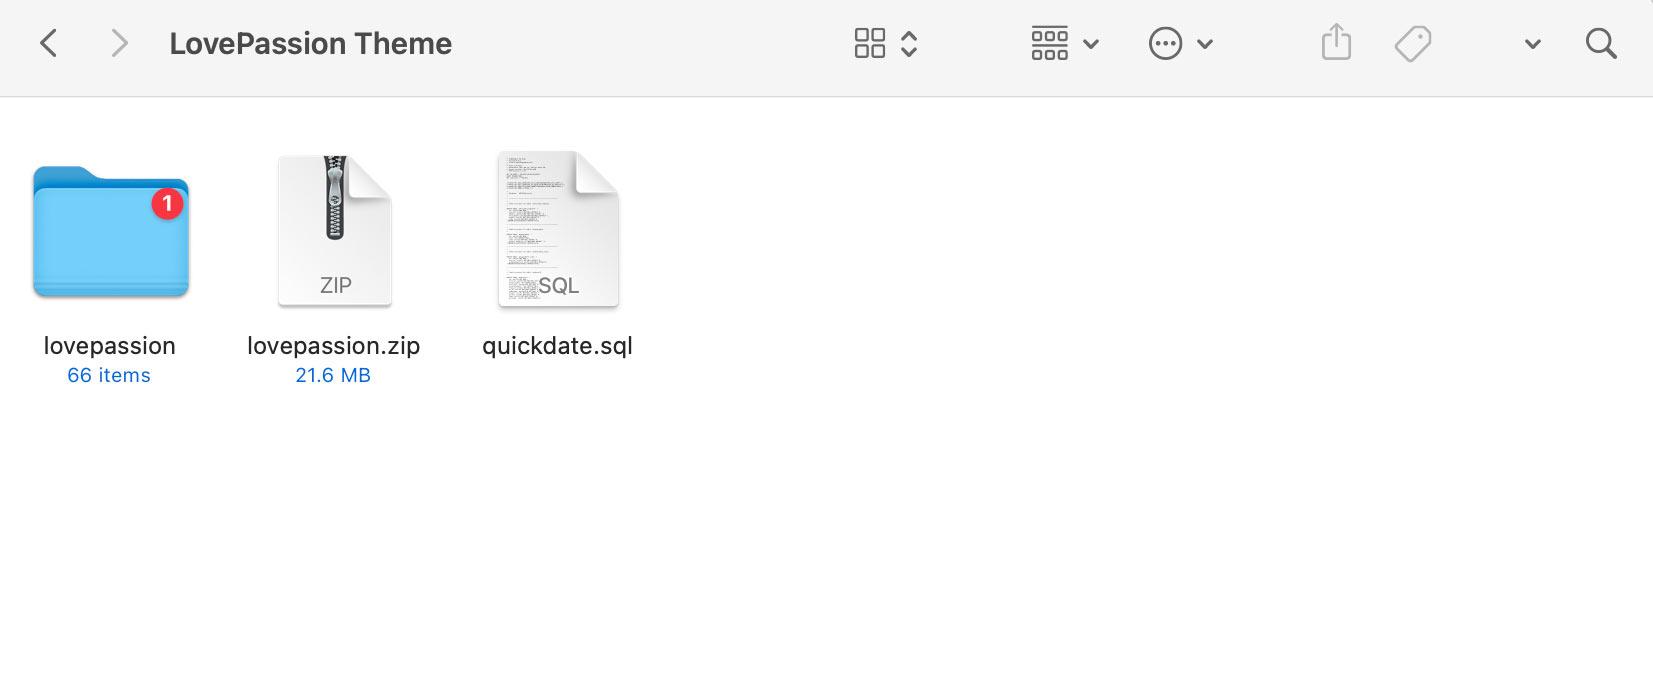 QuickDate PHP Script